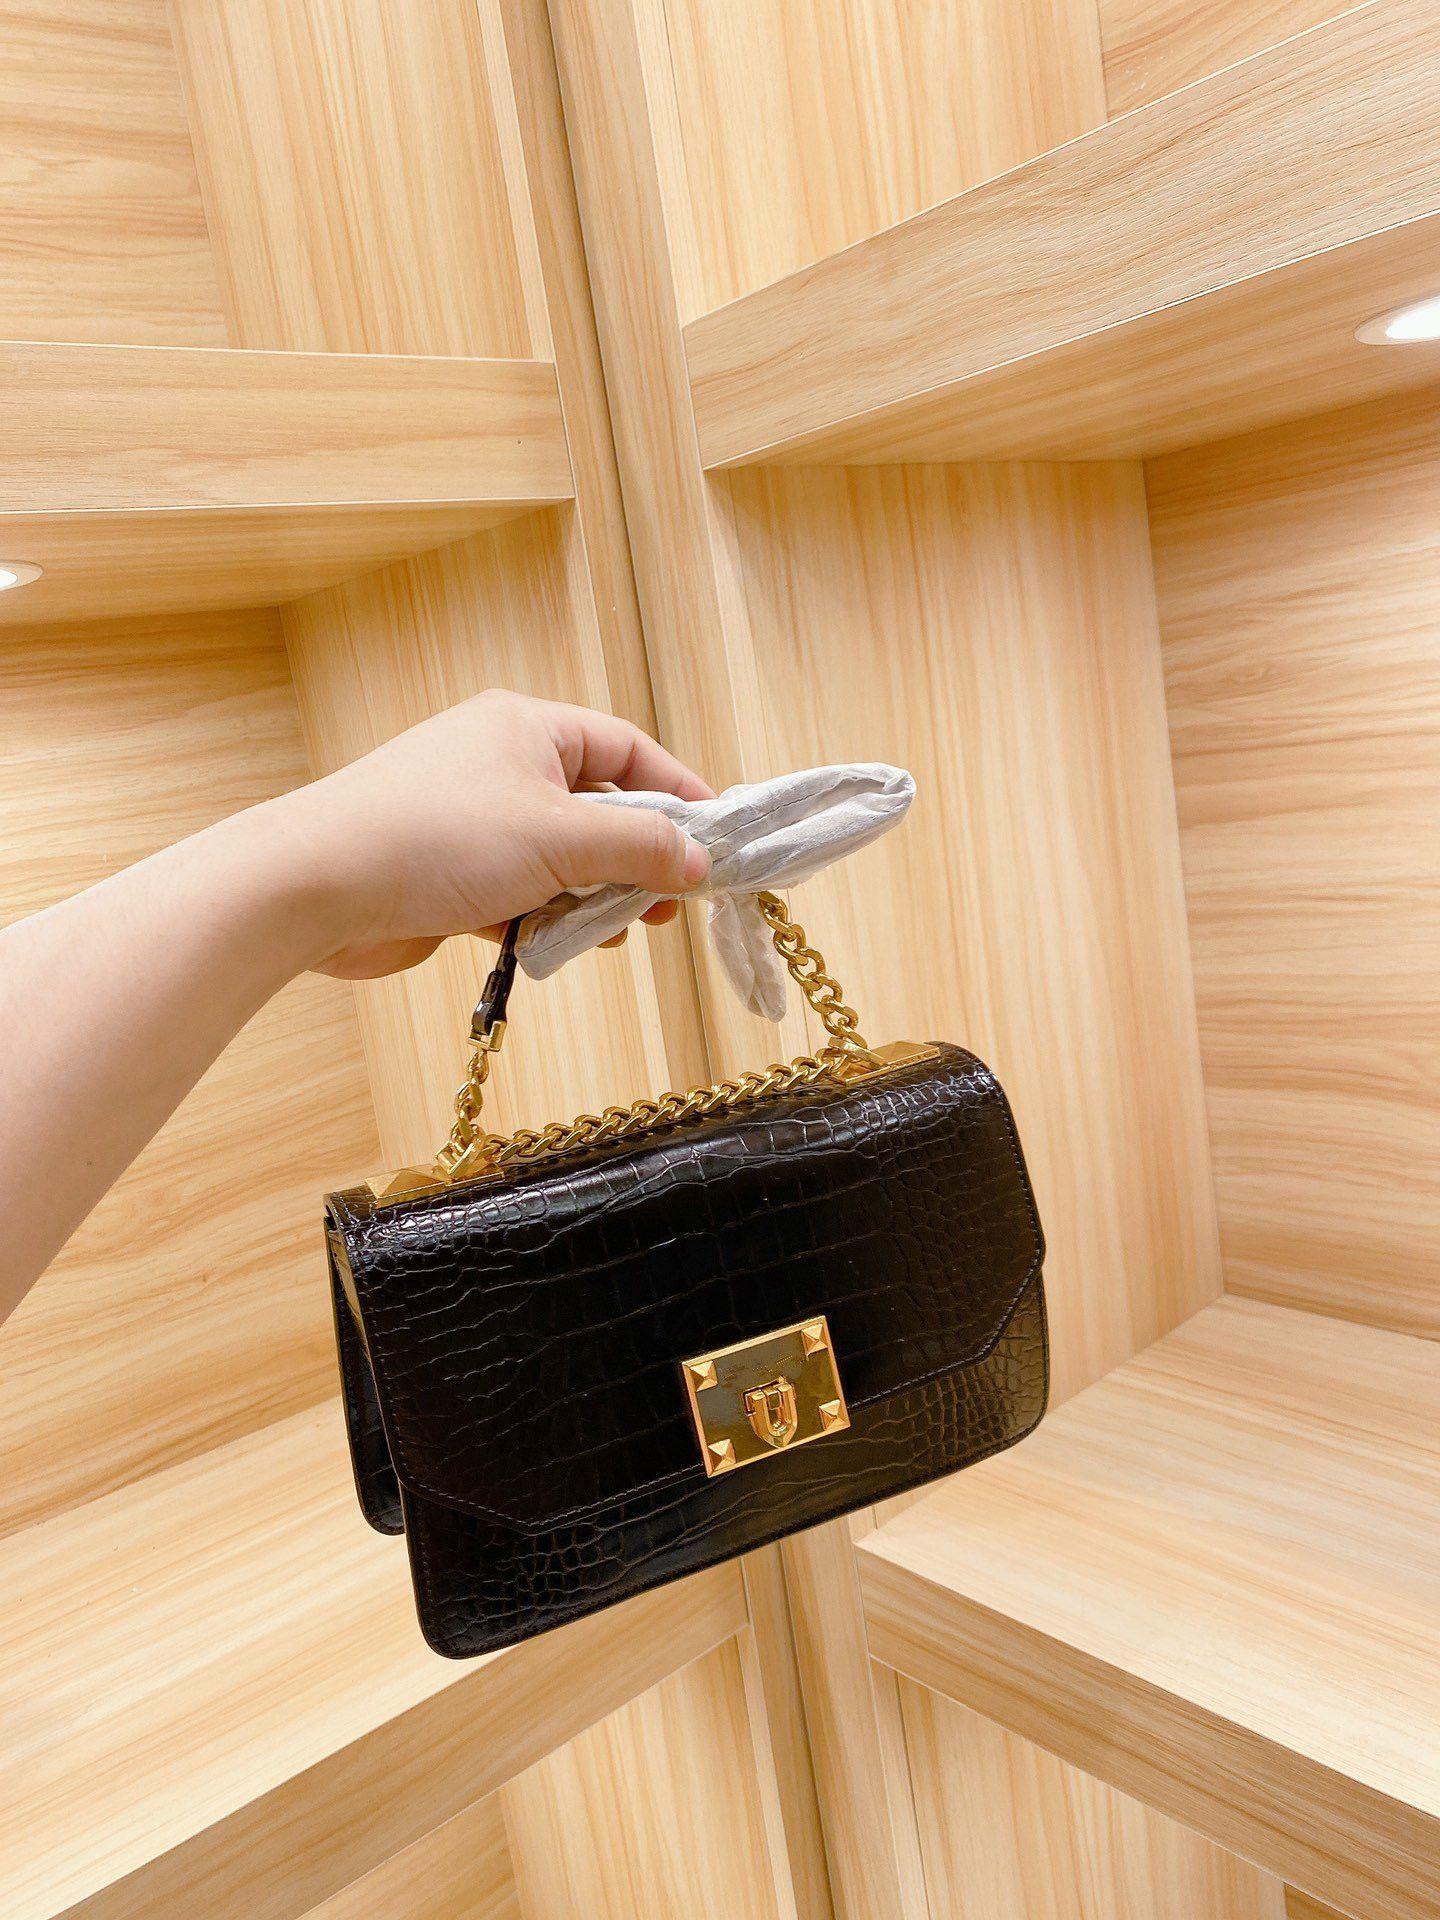 C высокое качество K кожа куб сумка цвет супер модно и ретро темперамент дамы сумка сумки